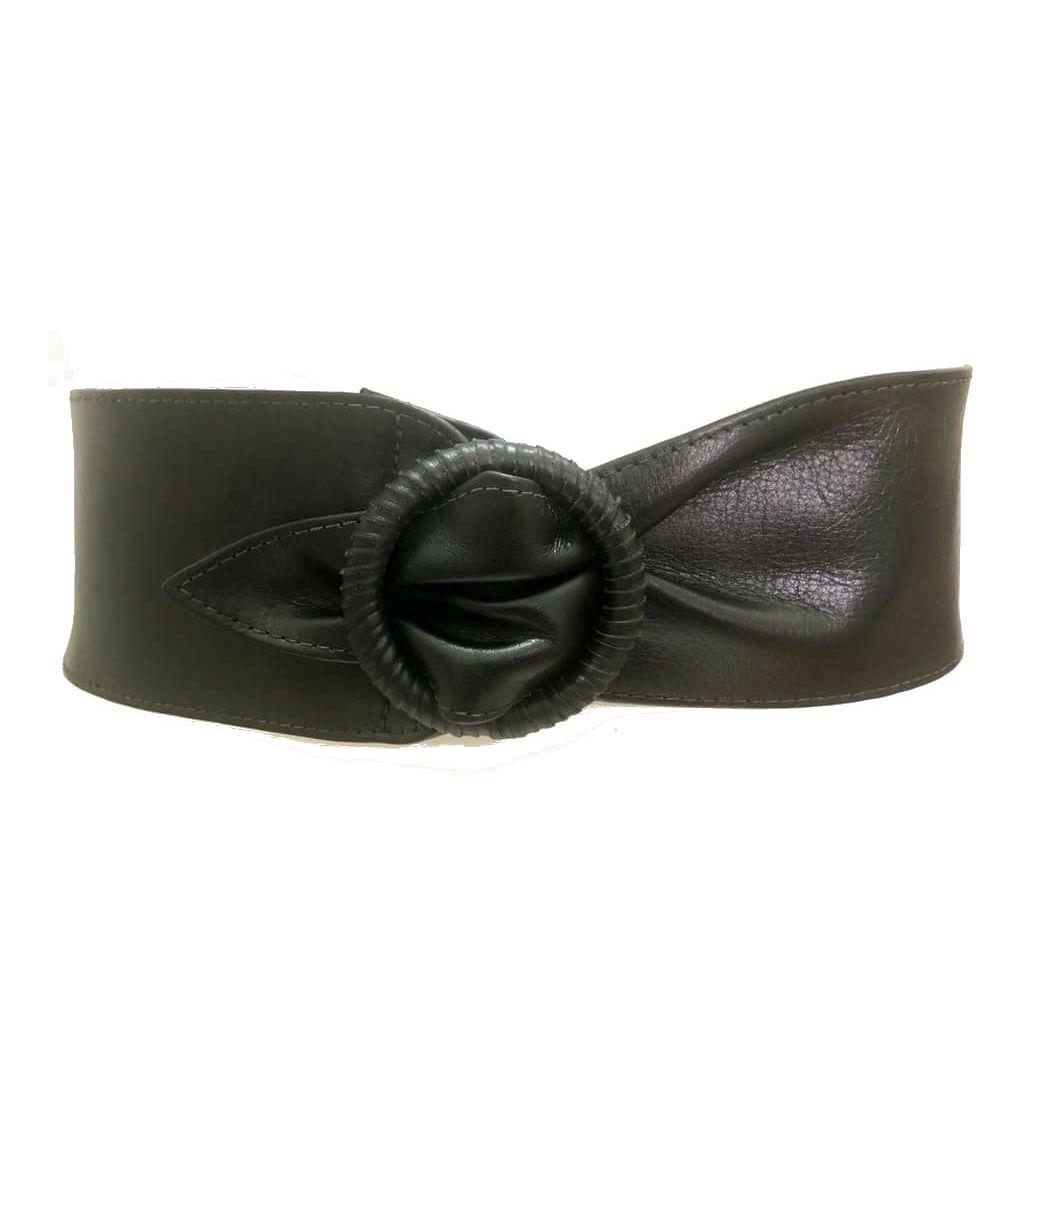 Cinto Faixa de Couro Preto -  8 cm - Cintos Exclusivos - Feminino